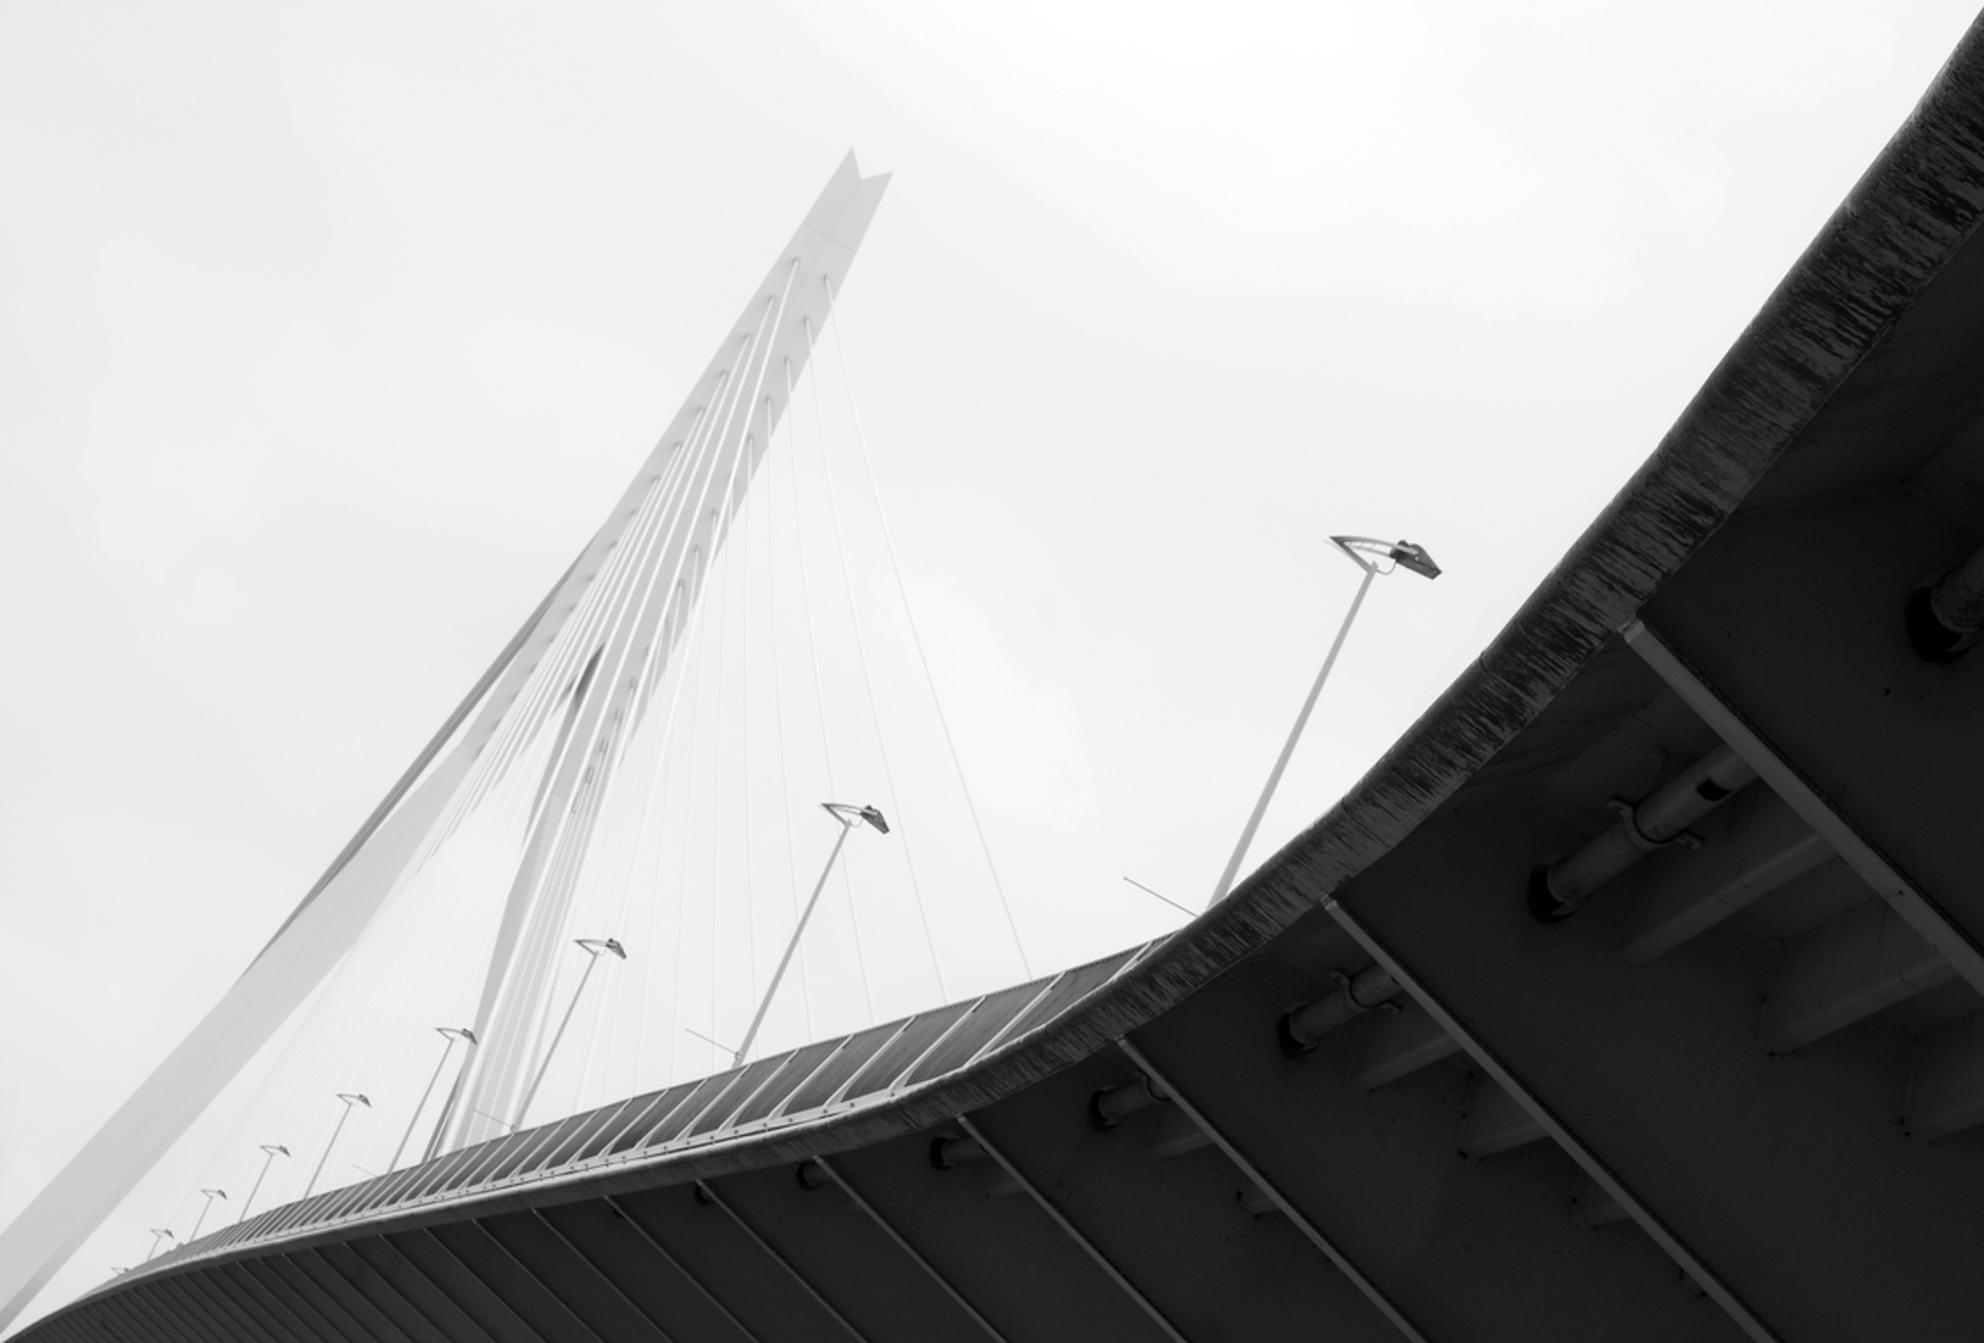 Rotterdam 5 - Slecht zicht op de Zwaan. - foto door nak-kos op 29-06-2011 - deze foto bevat: rotterdam, regen, zwaan, tuien